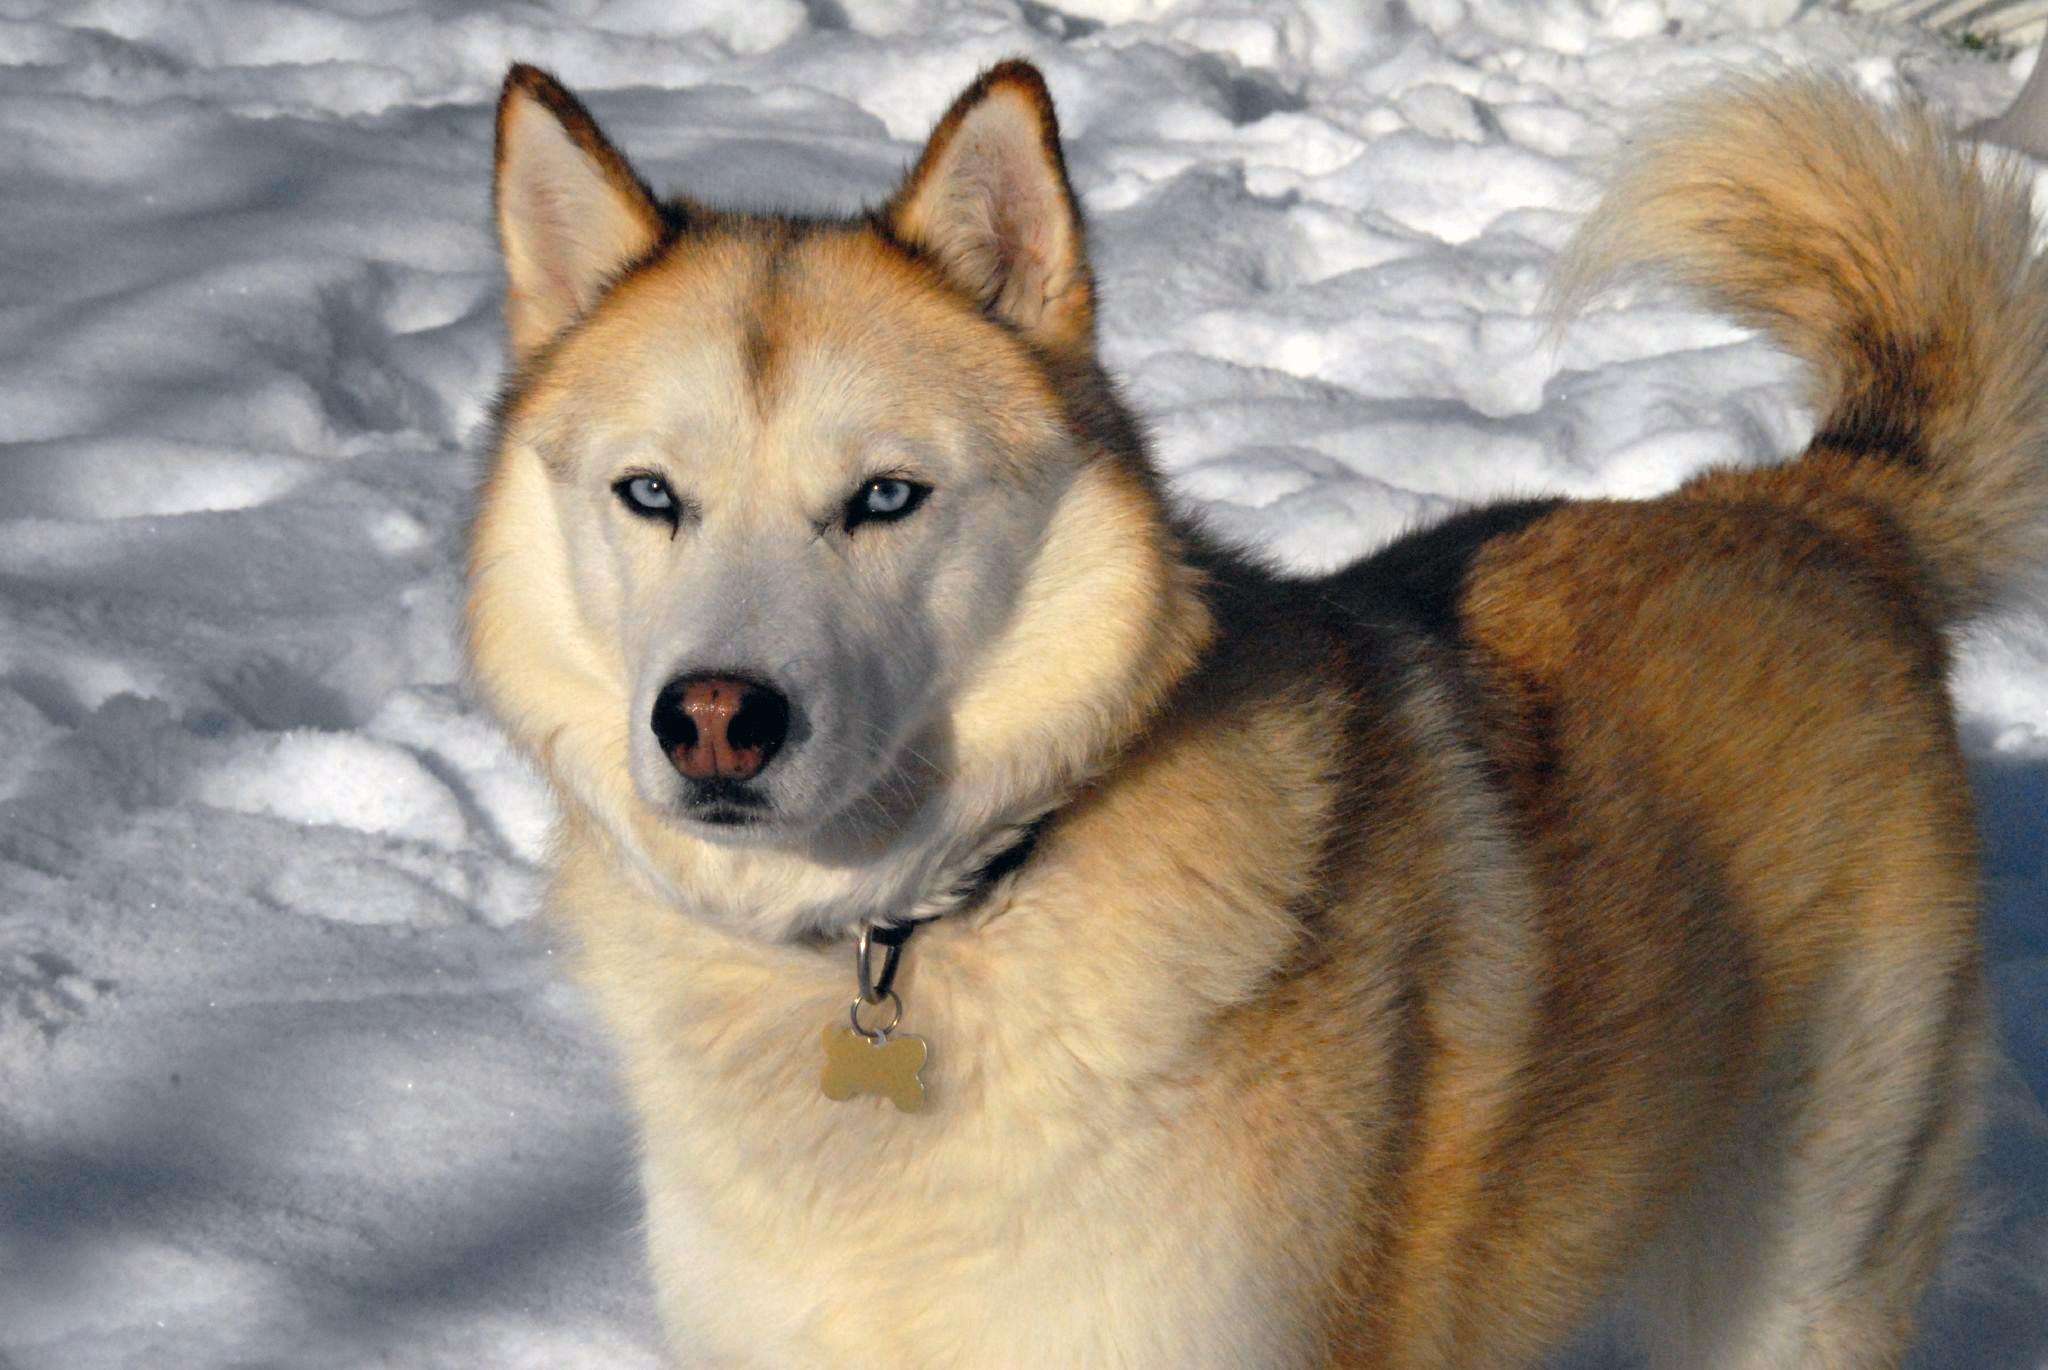 Razze di cani nordici, le 5 più affascinati e che sanno resistere al freddo